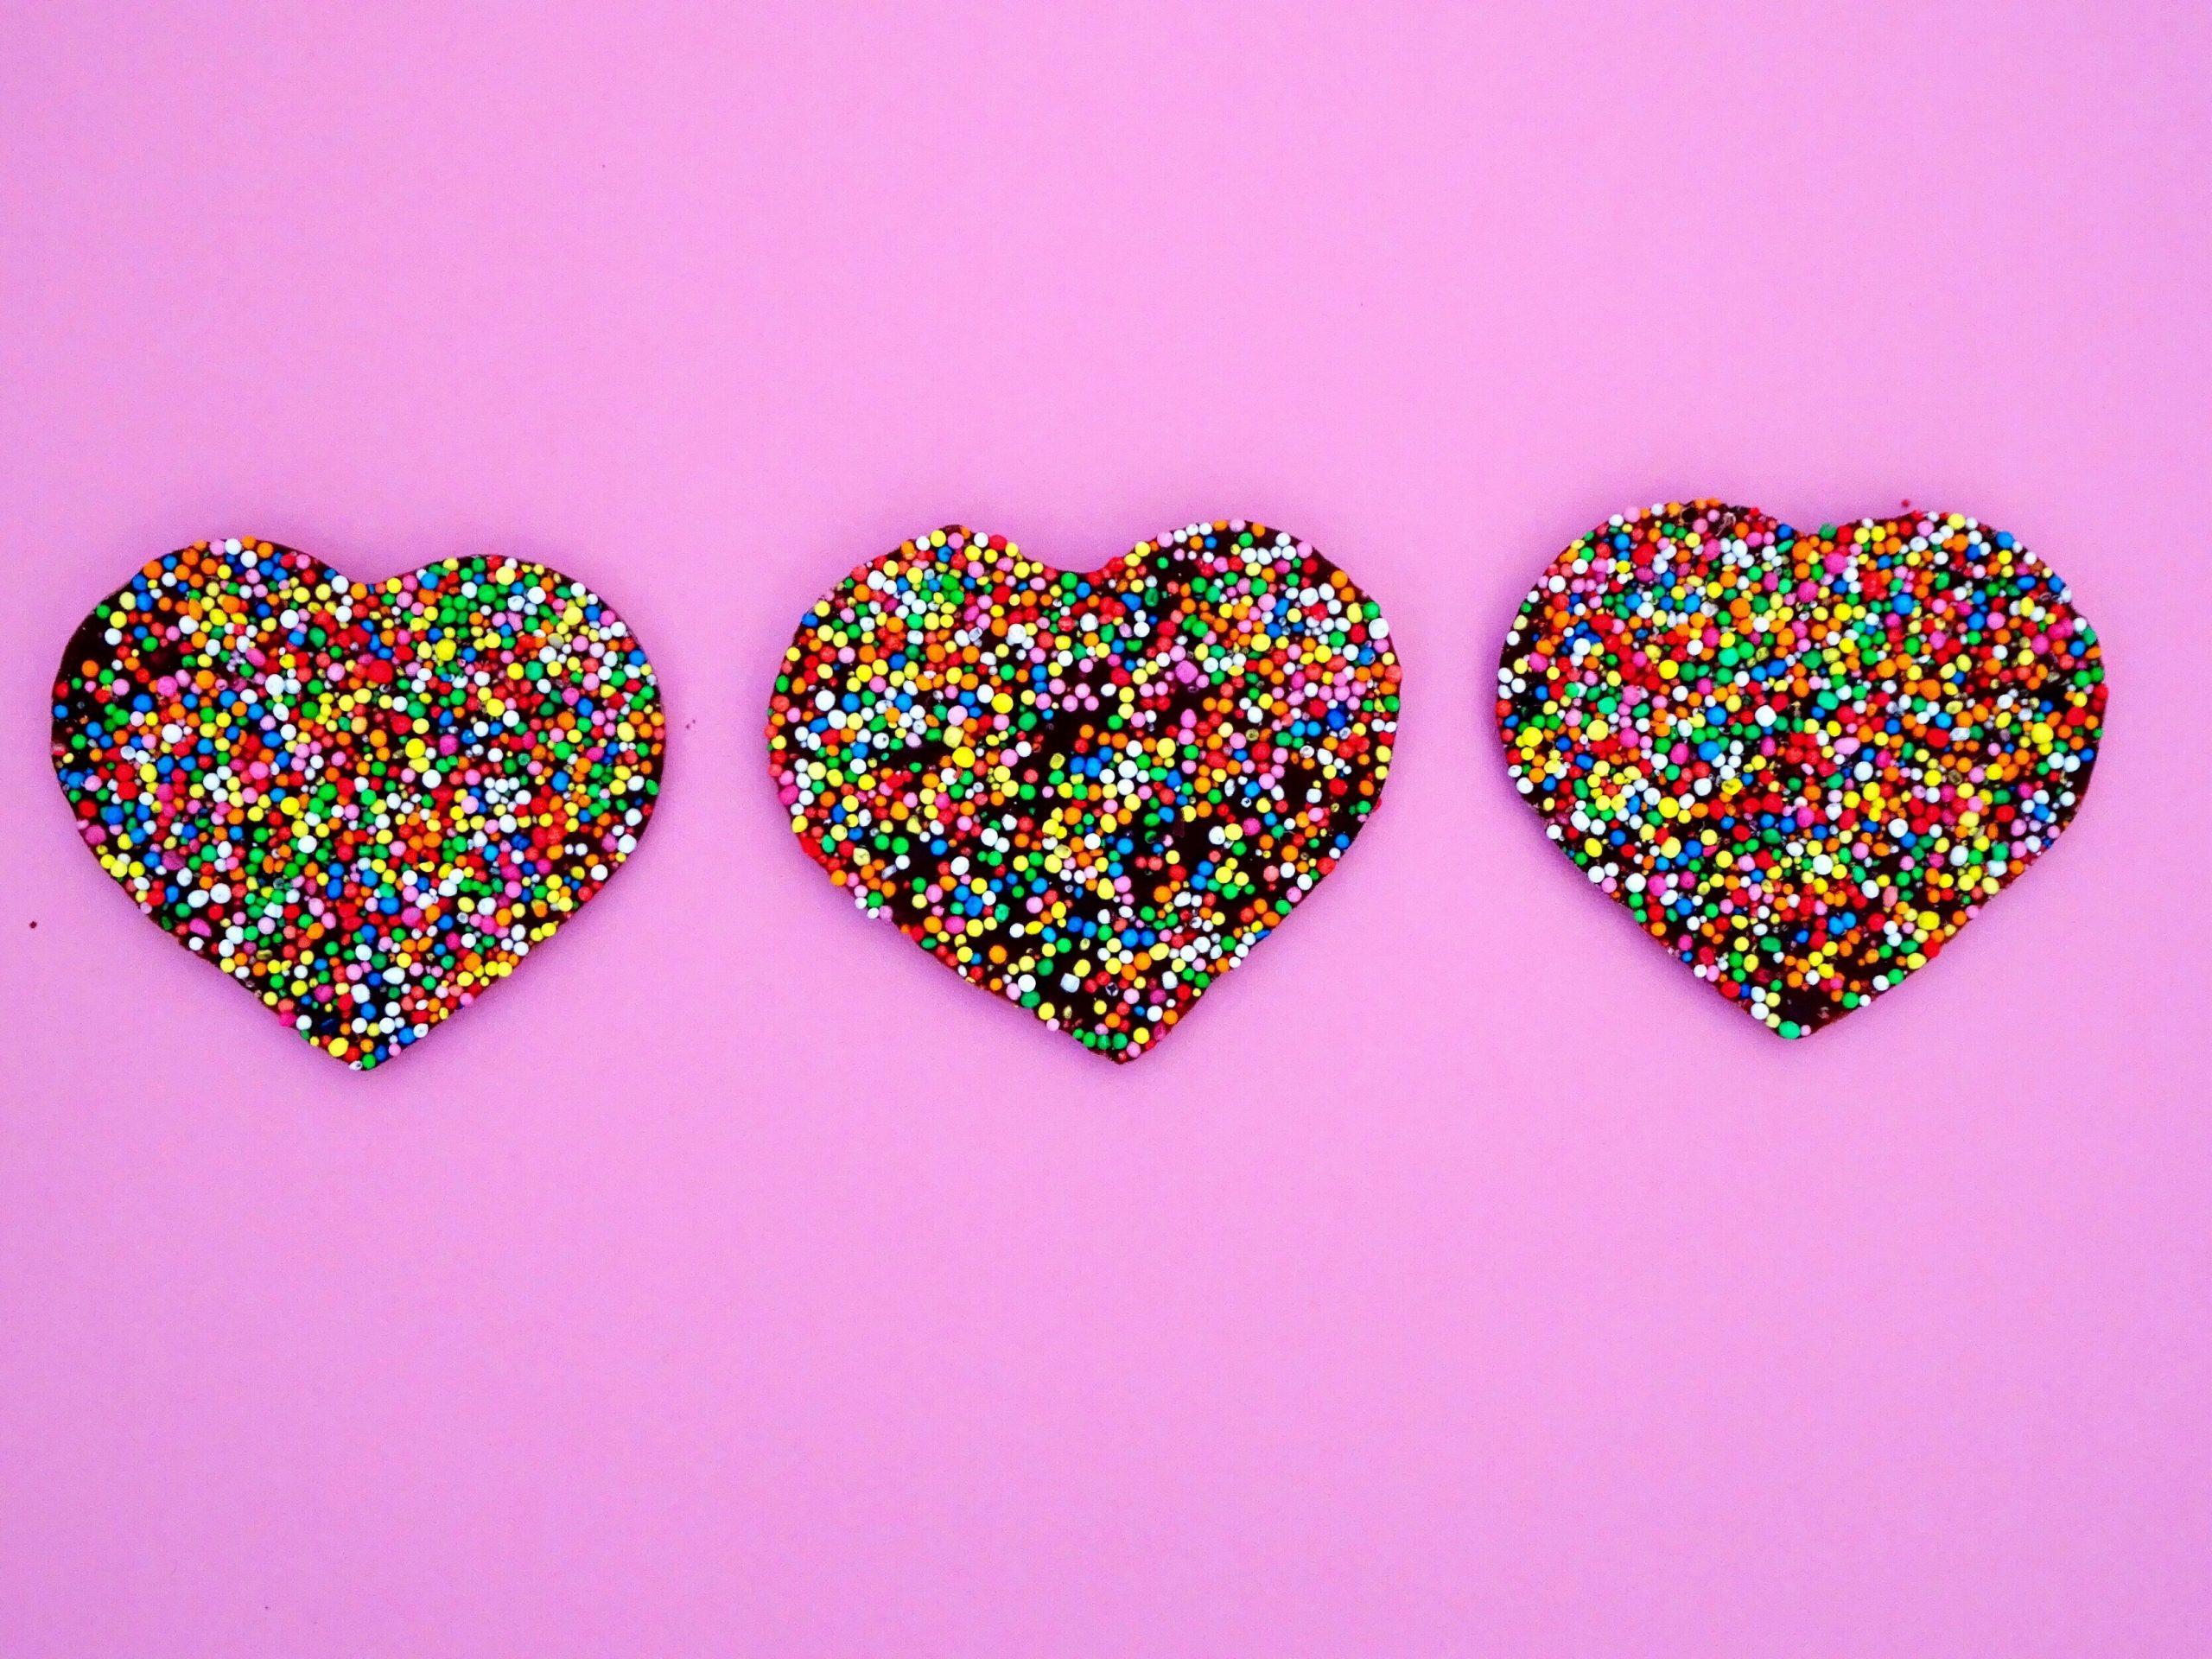 Cromoterapia: Como as cores ajudam a combater doenças